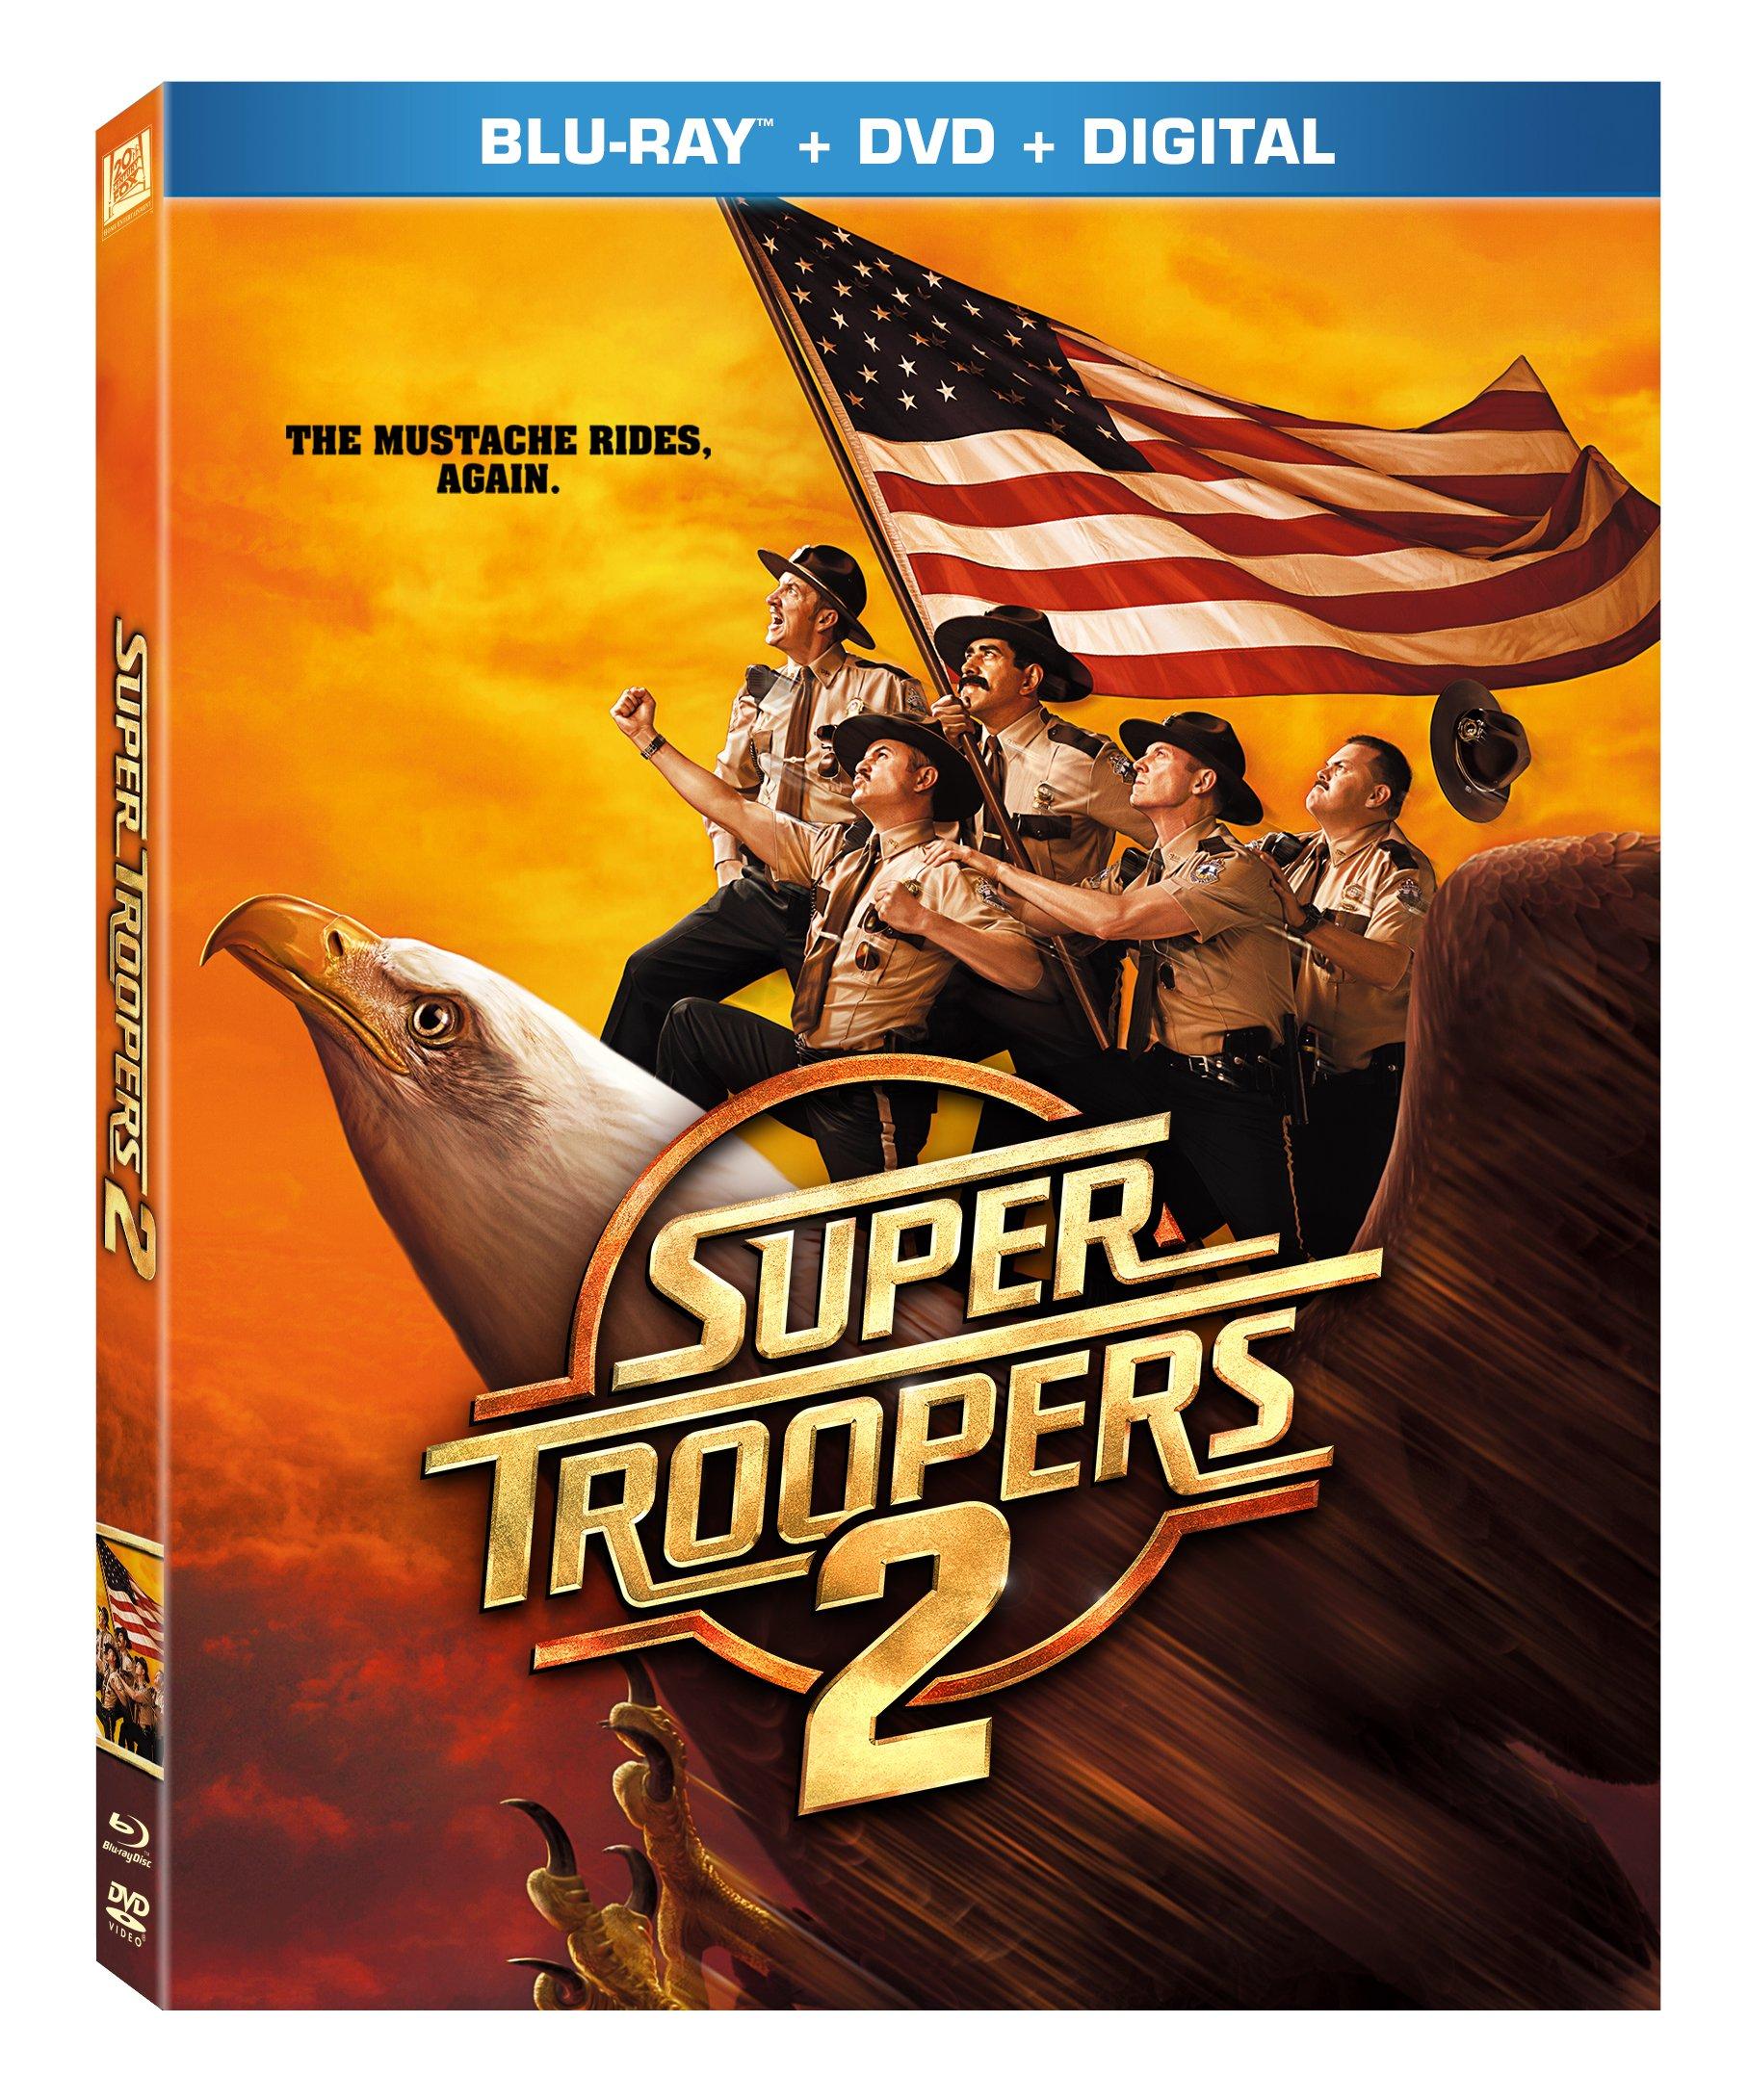 Buy Super Troopers 2 Now!